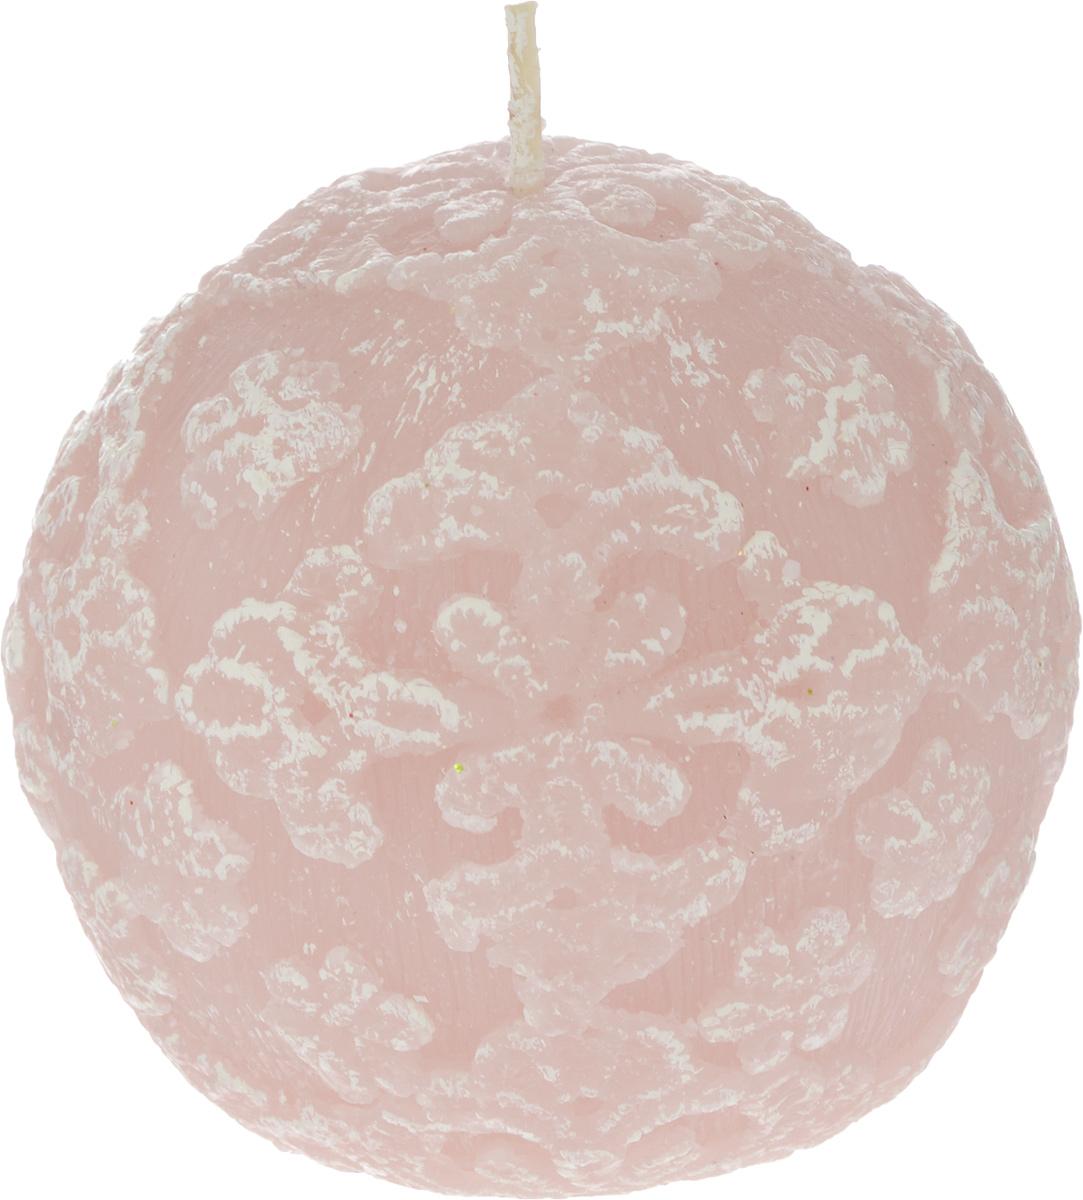 B&H Свеча-шар 7,5 см Цветочное кружево, цвет: розовыйBH1043_розовыйСвеча-шар Цветочное кружево. Состав: парафин. Размер: 7,5 см. Вес: 190 гр.